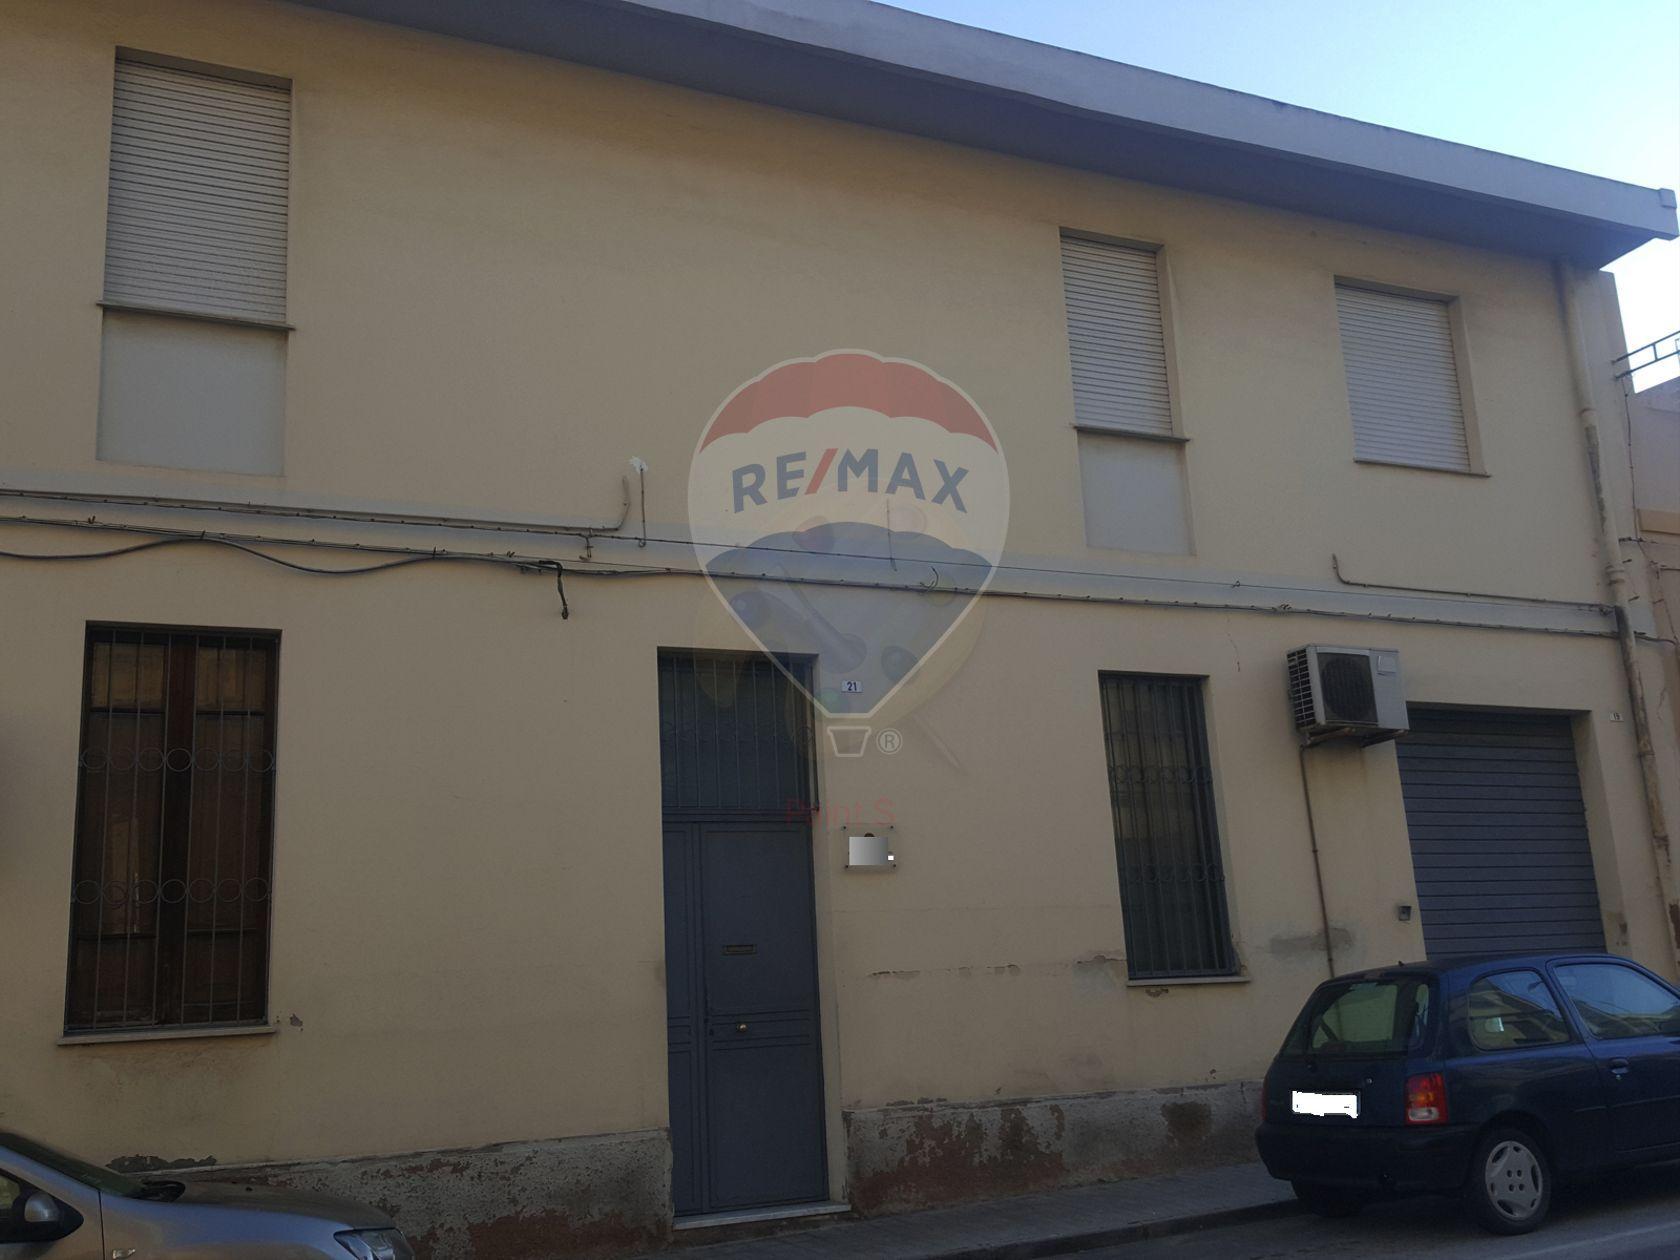 Locale Commerciale Cagliari-pirri-acentro, Cagliari, CA Vendita - Foto 4